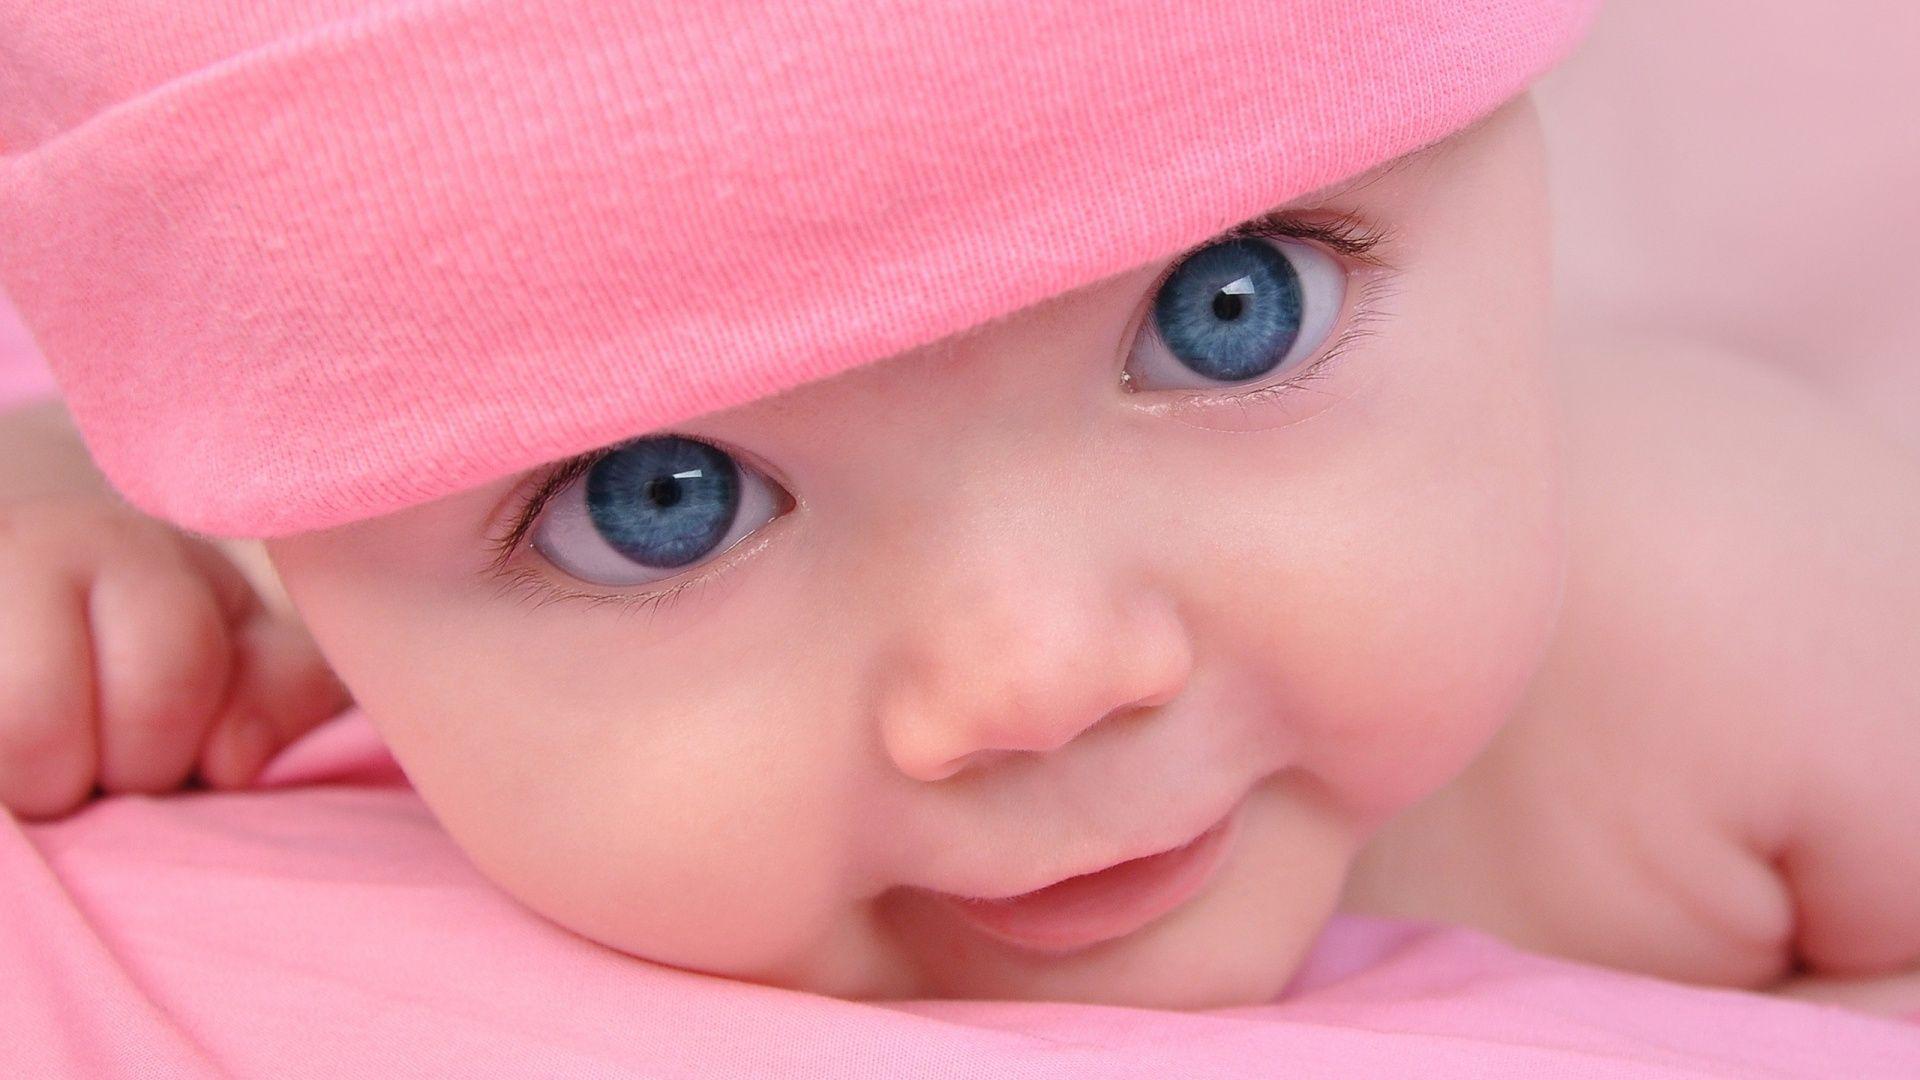 infantbabypicturesleepingbabywallpapercutebaby